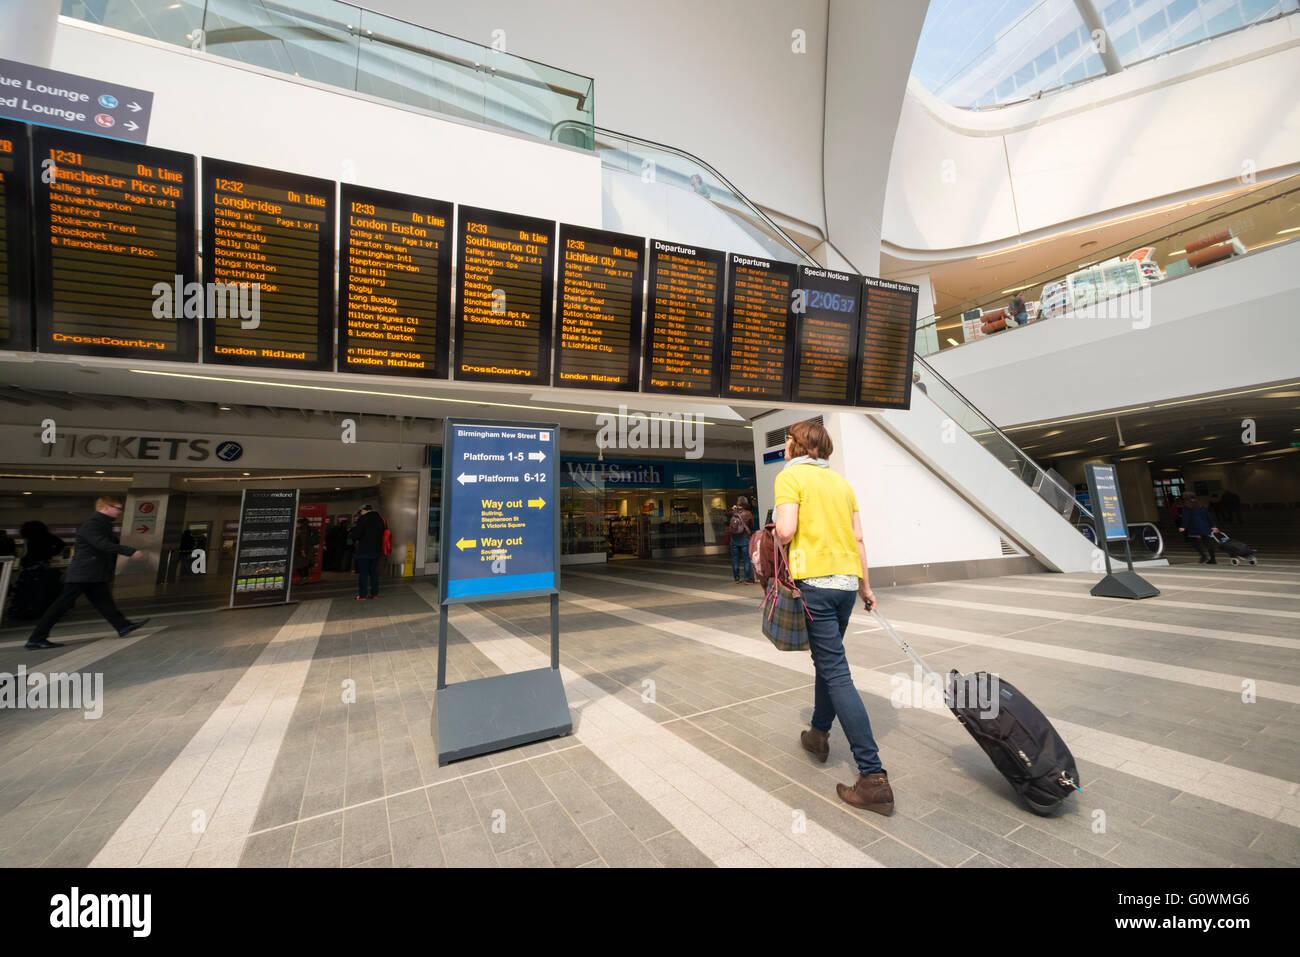 Nuova via stazione ferroviaria, Birmingham, Regno Unito. Immagini Stock